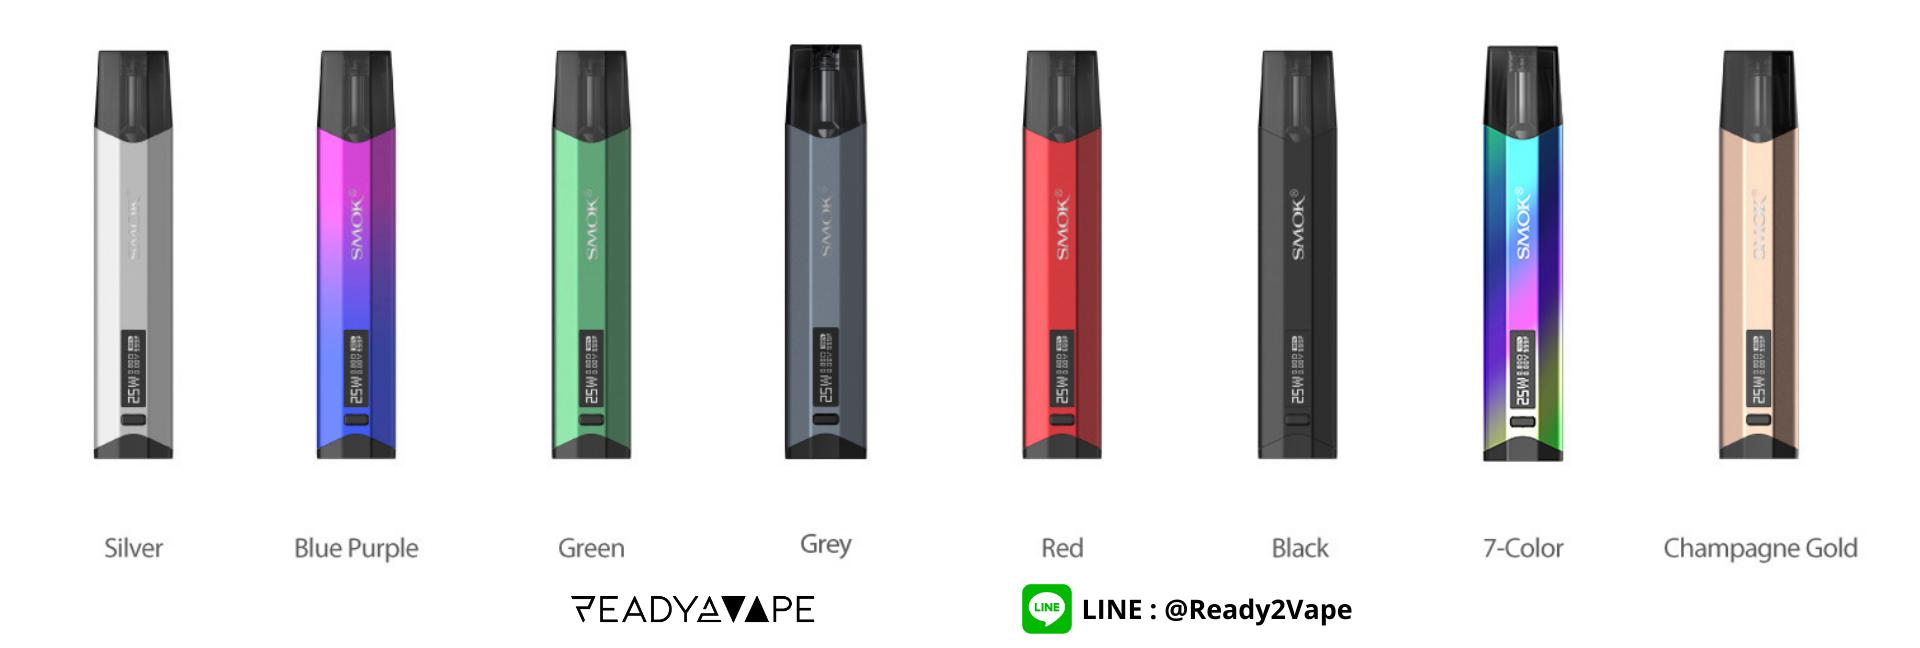 ready2vape_บุหรี่ไฟฟ้า_smok-Nfix_pod-system00001